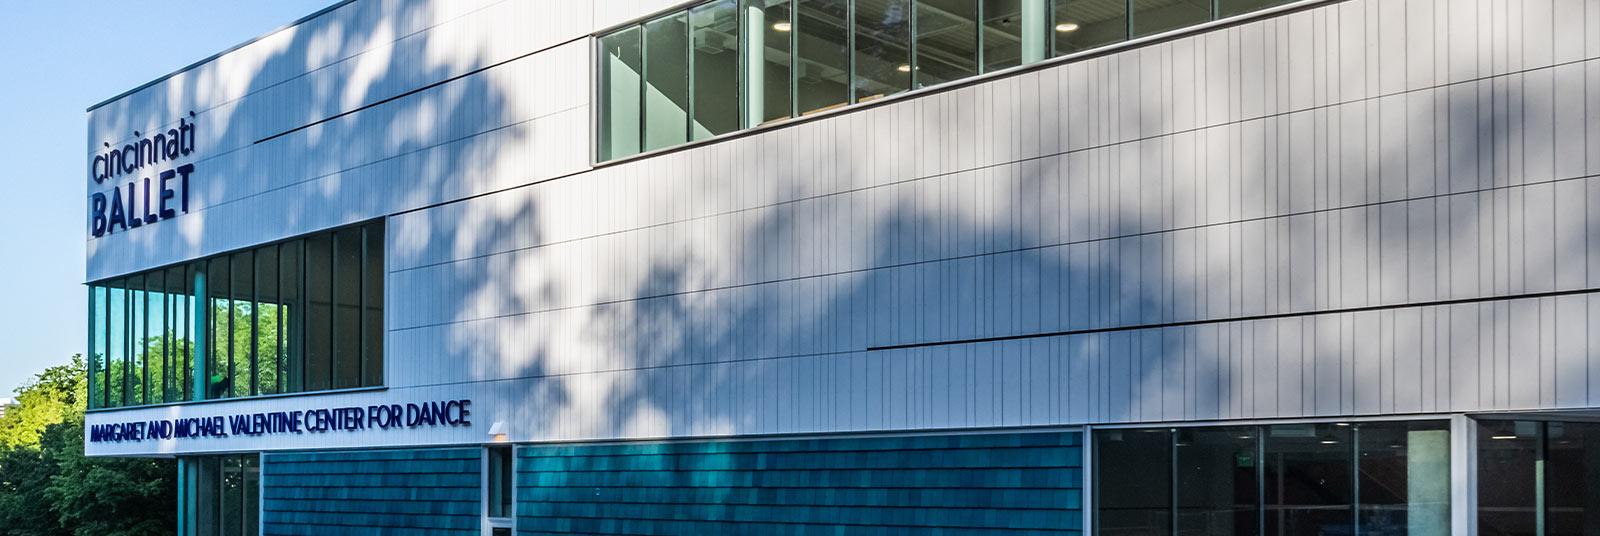 The front facade of the new Cincinnati Ballet facility.